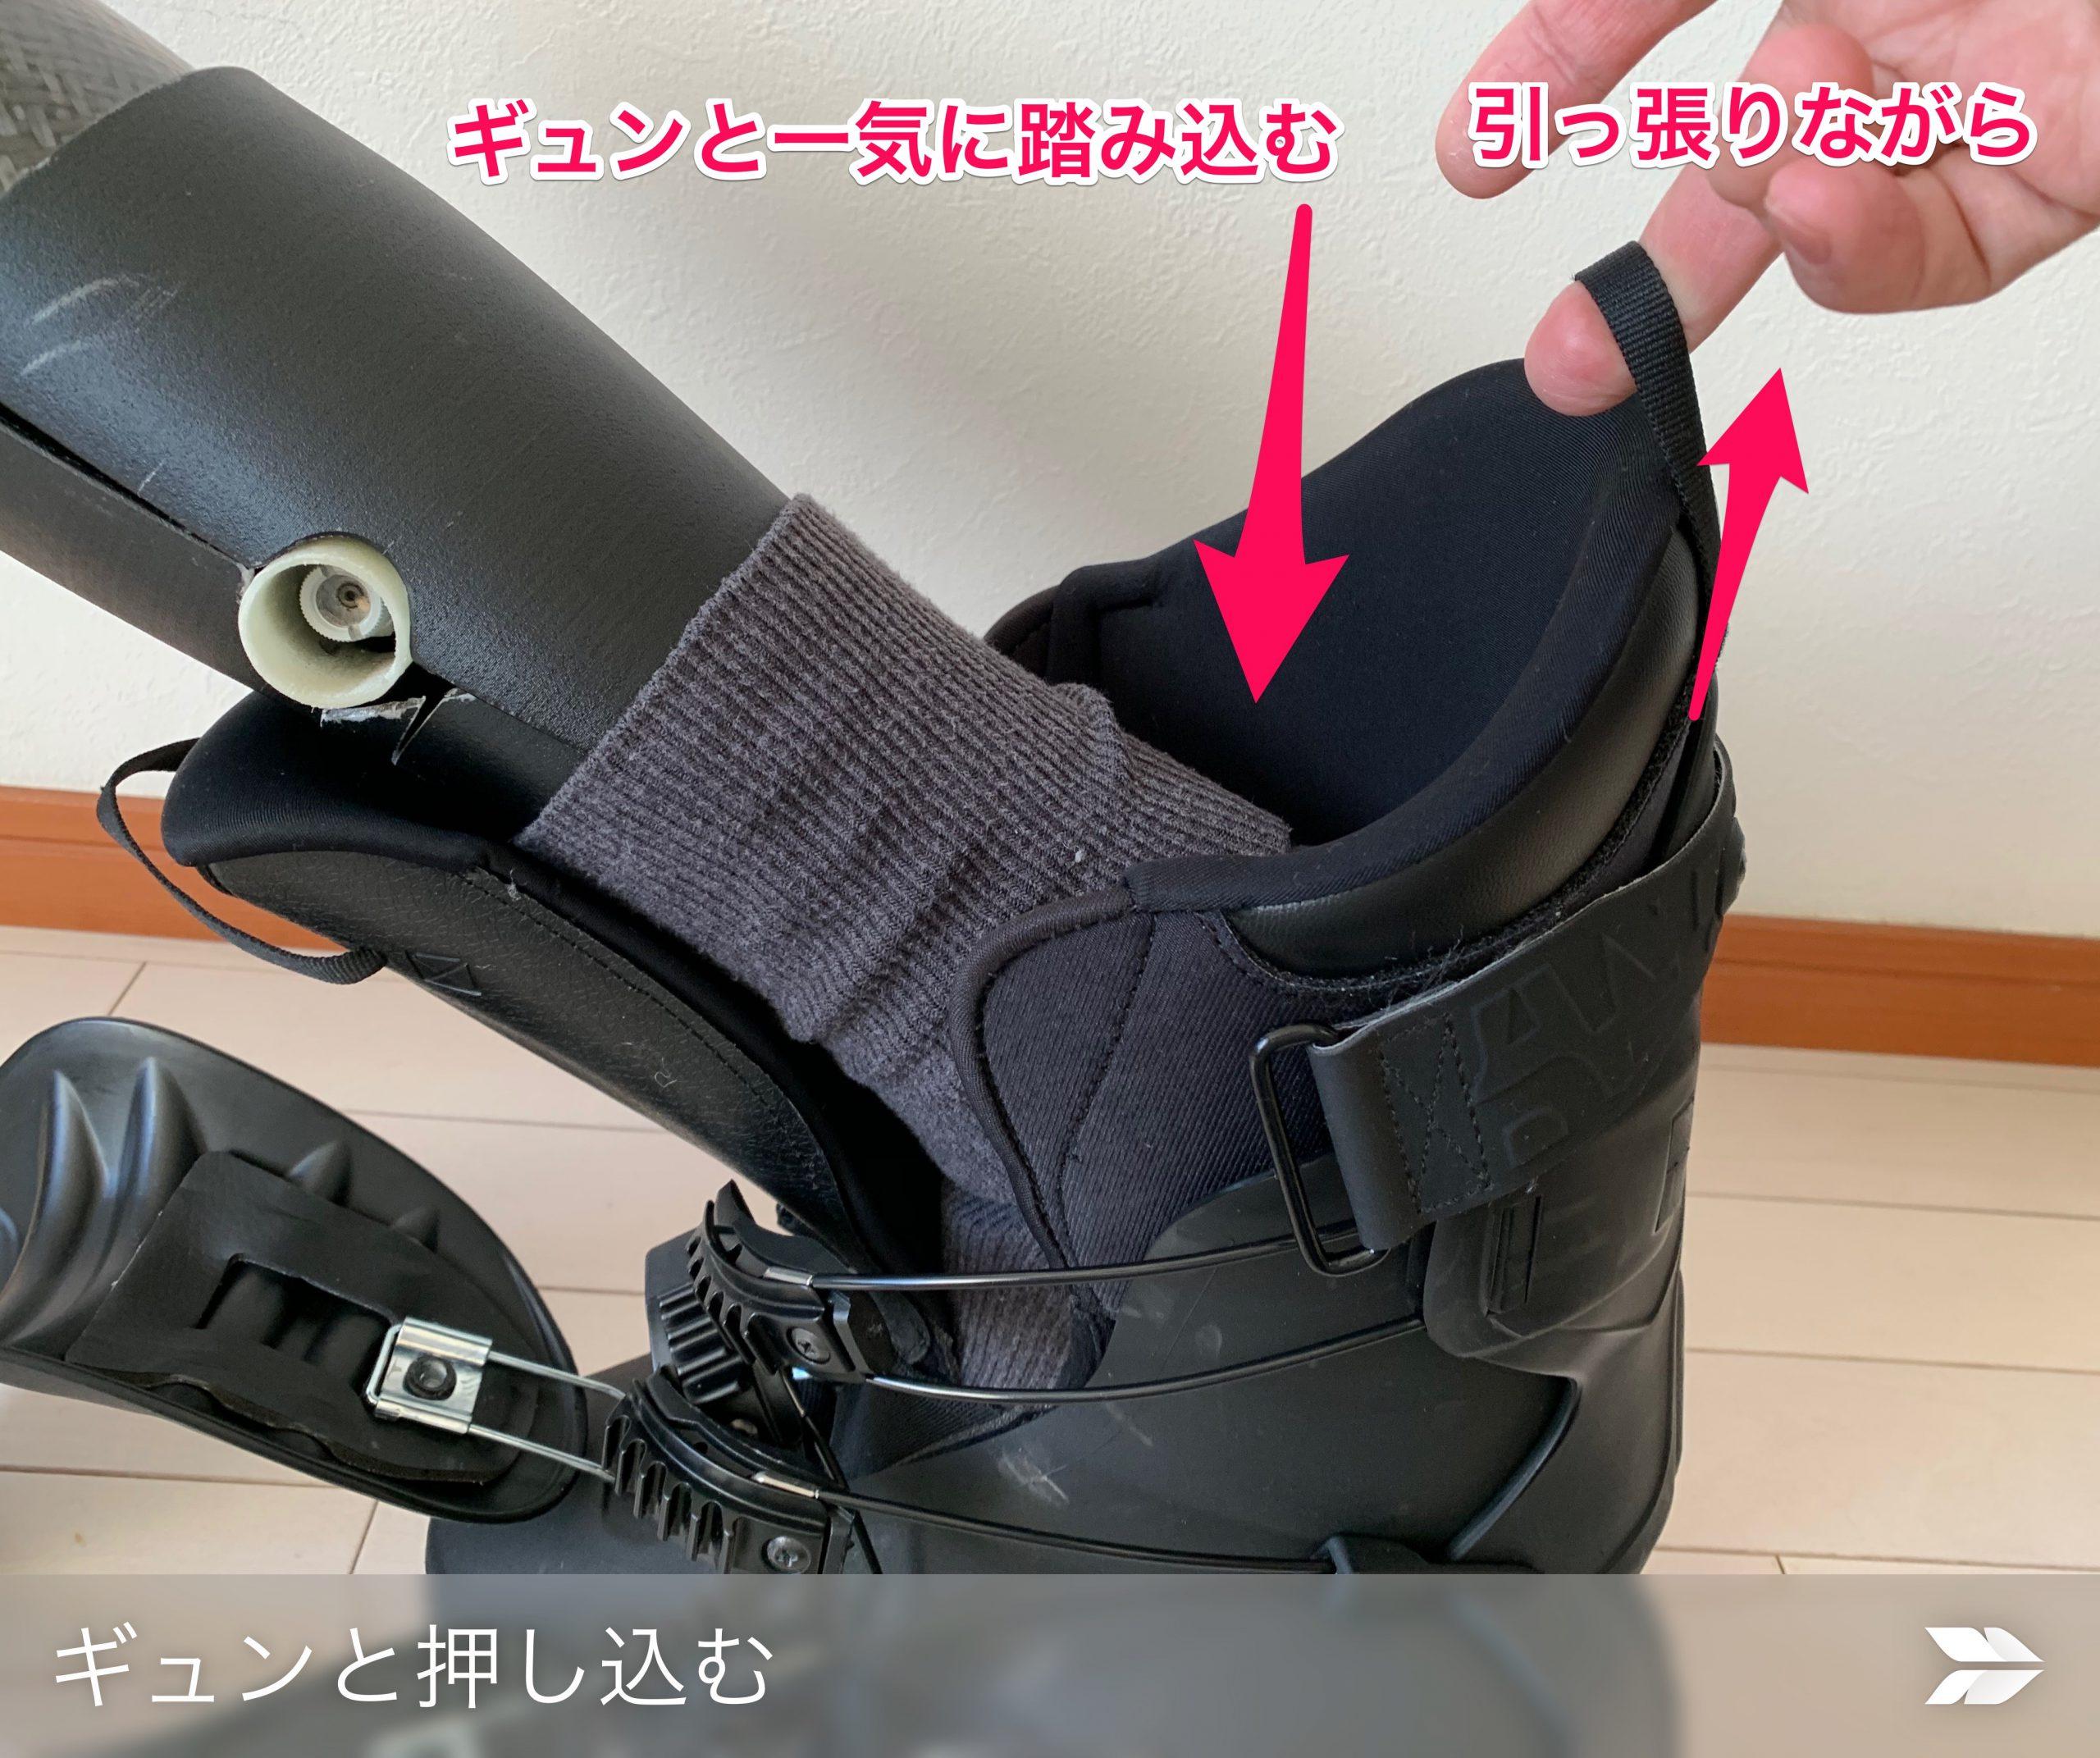 「【スキーブーツ編】義足に適したスキーブーツとは?」